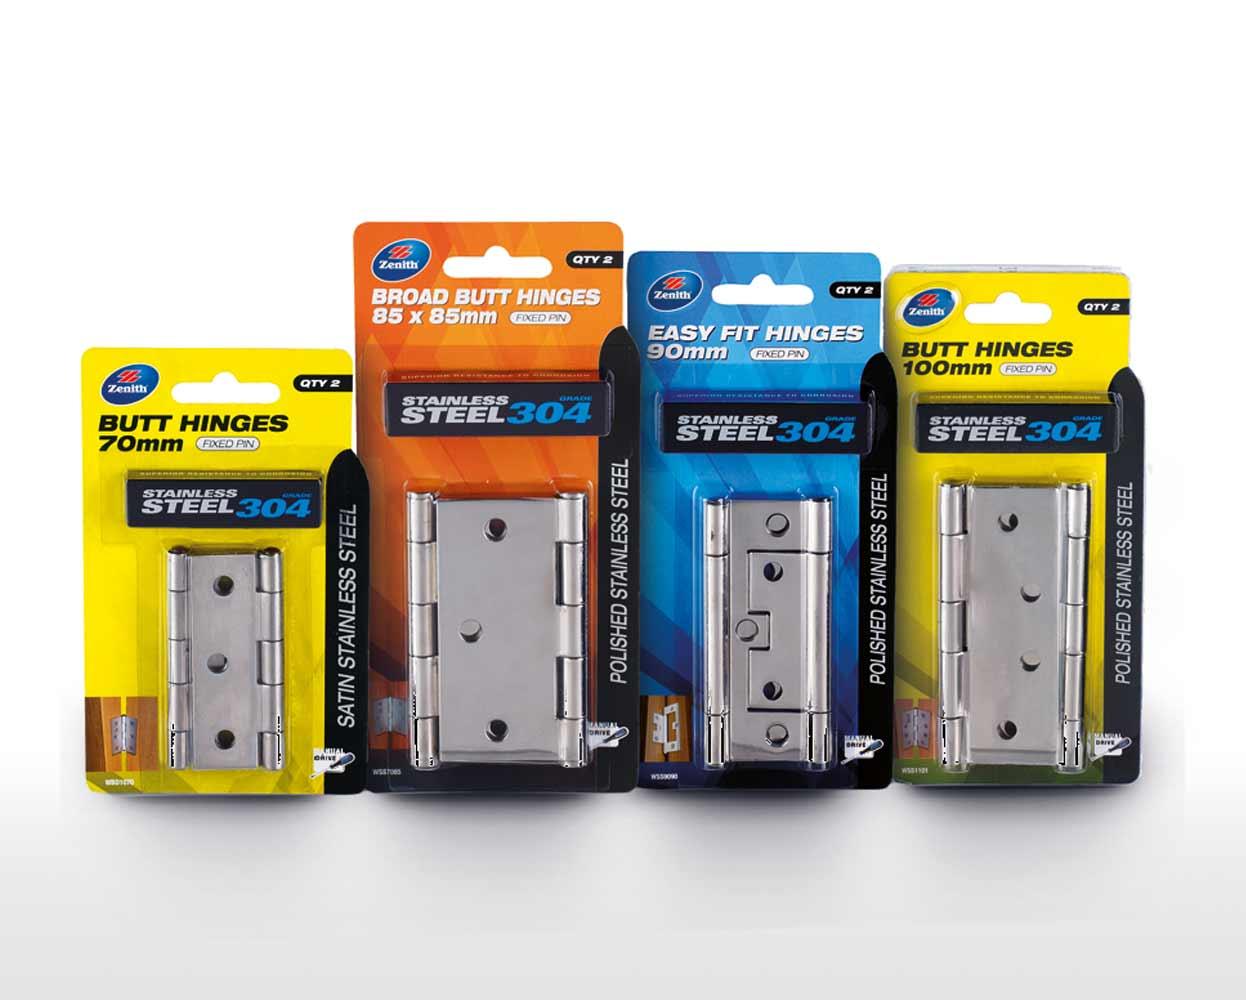 Zenith Durasmooth Packaging hinge packs